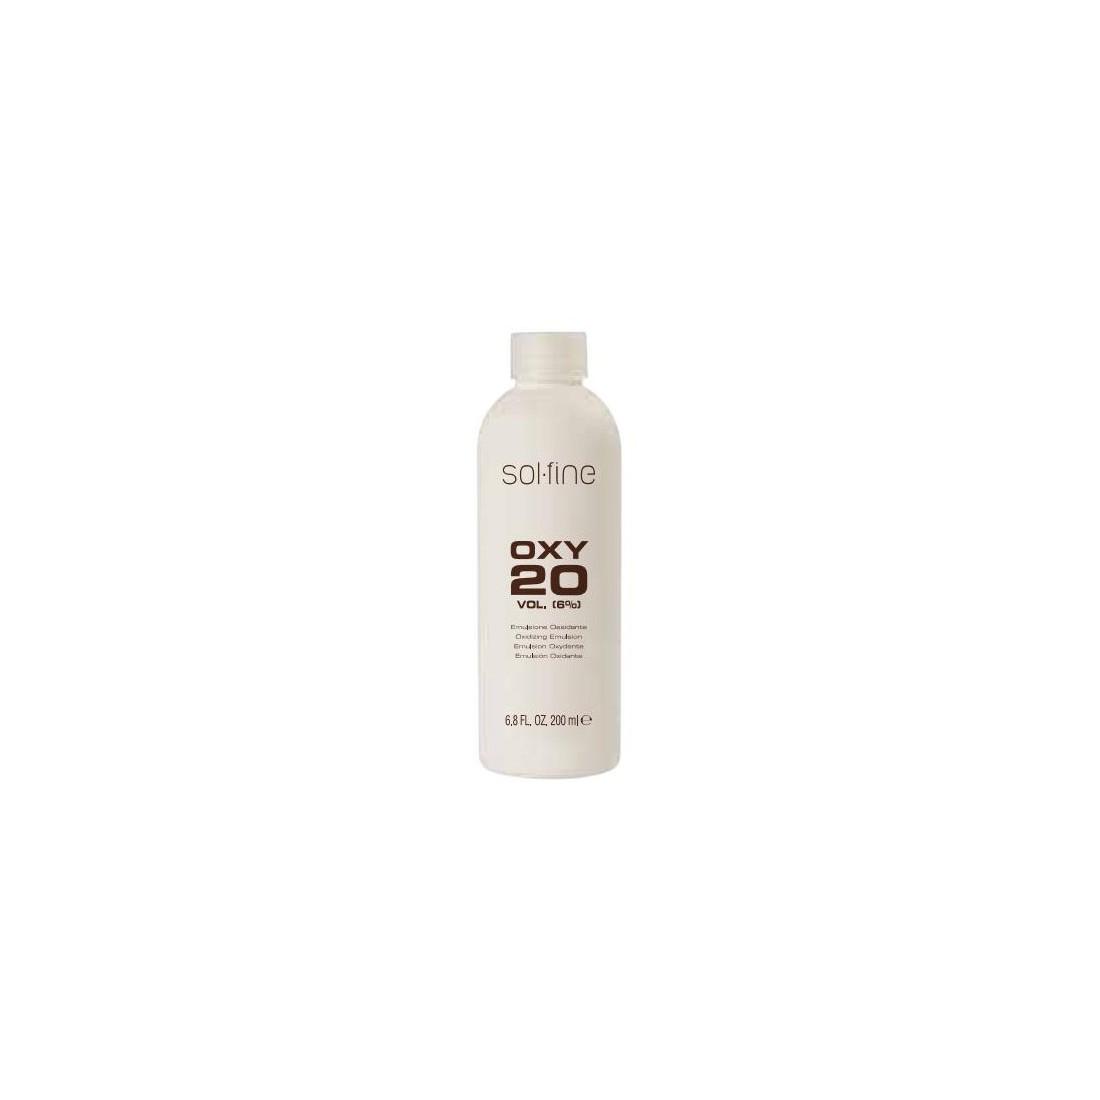 EMULSION OXYDANTE 200 ml SOL.FINE 20 VOL